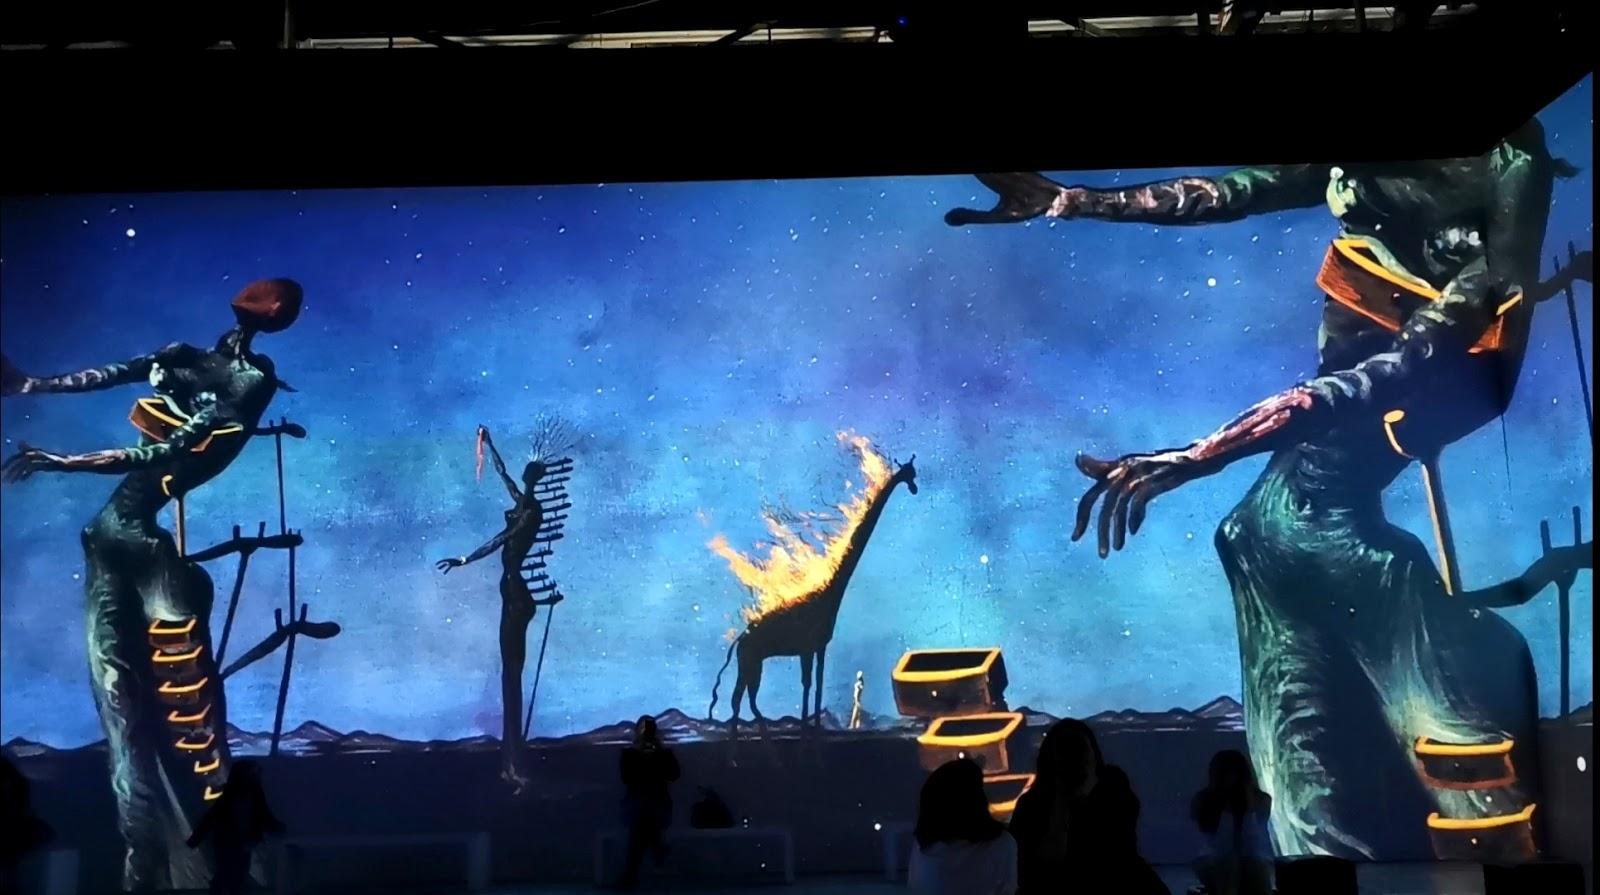 В центре Artplay проводится выставка «Король сюрреализма»